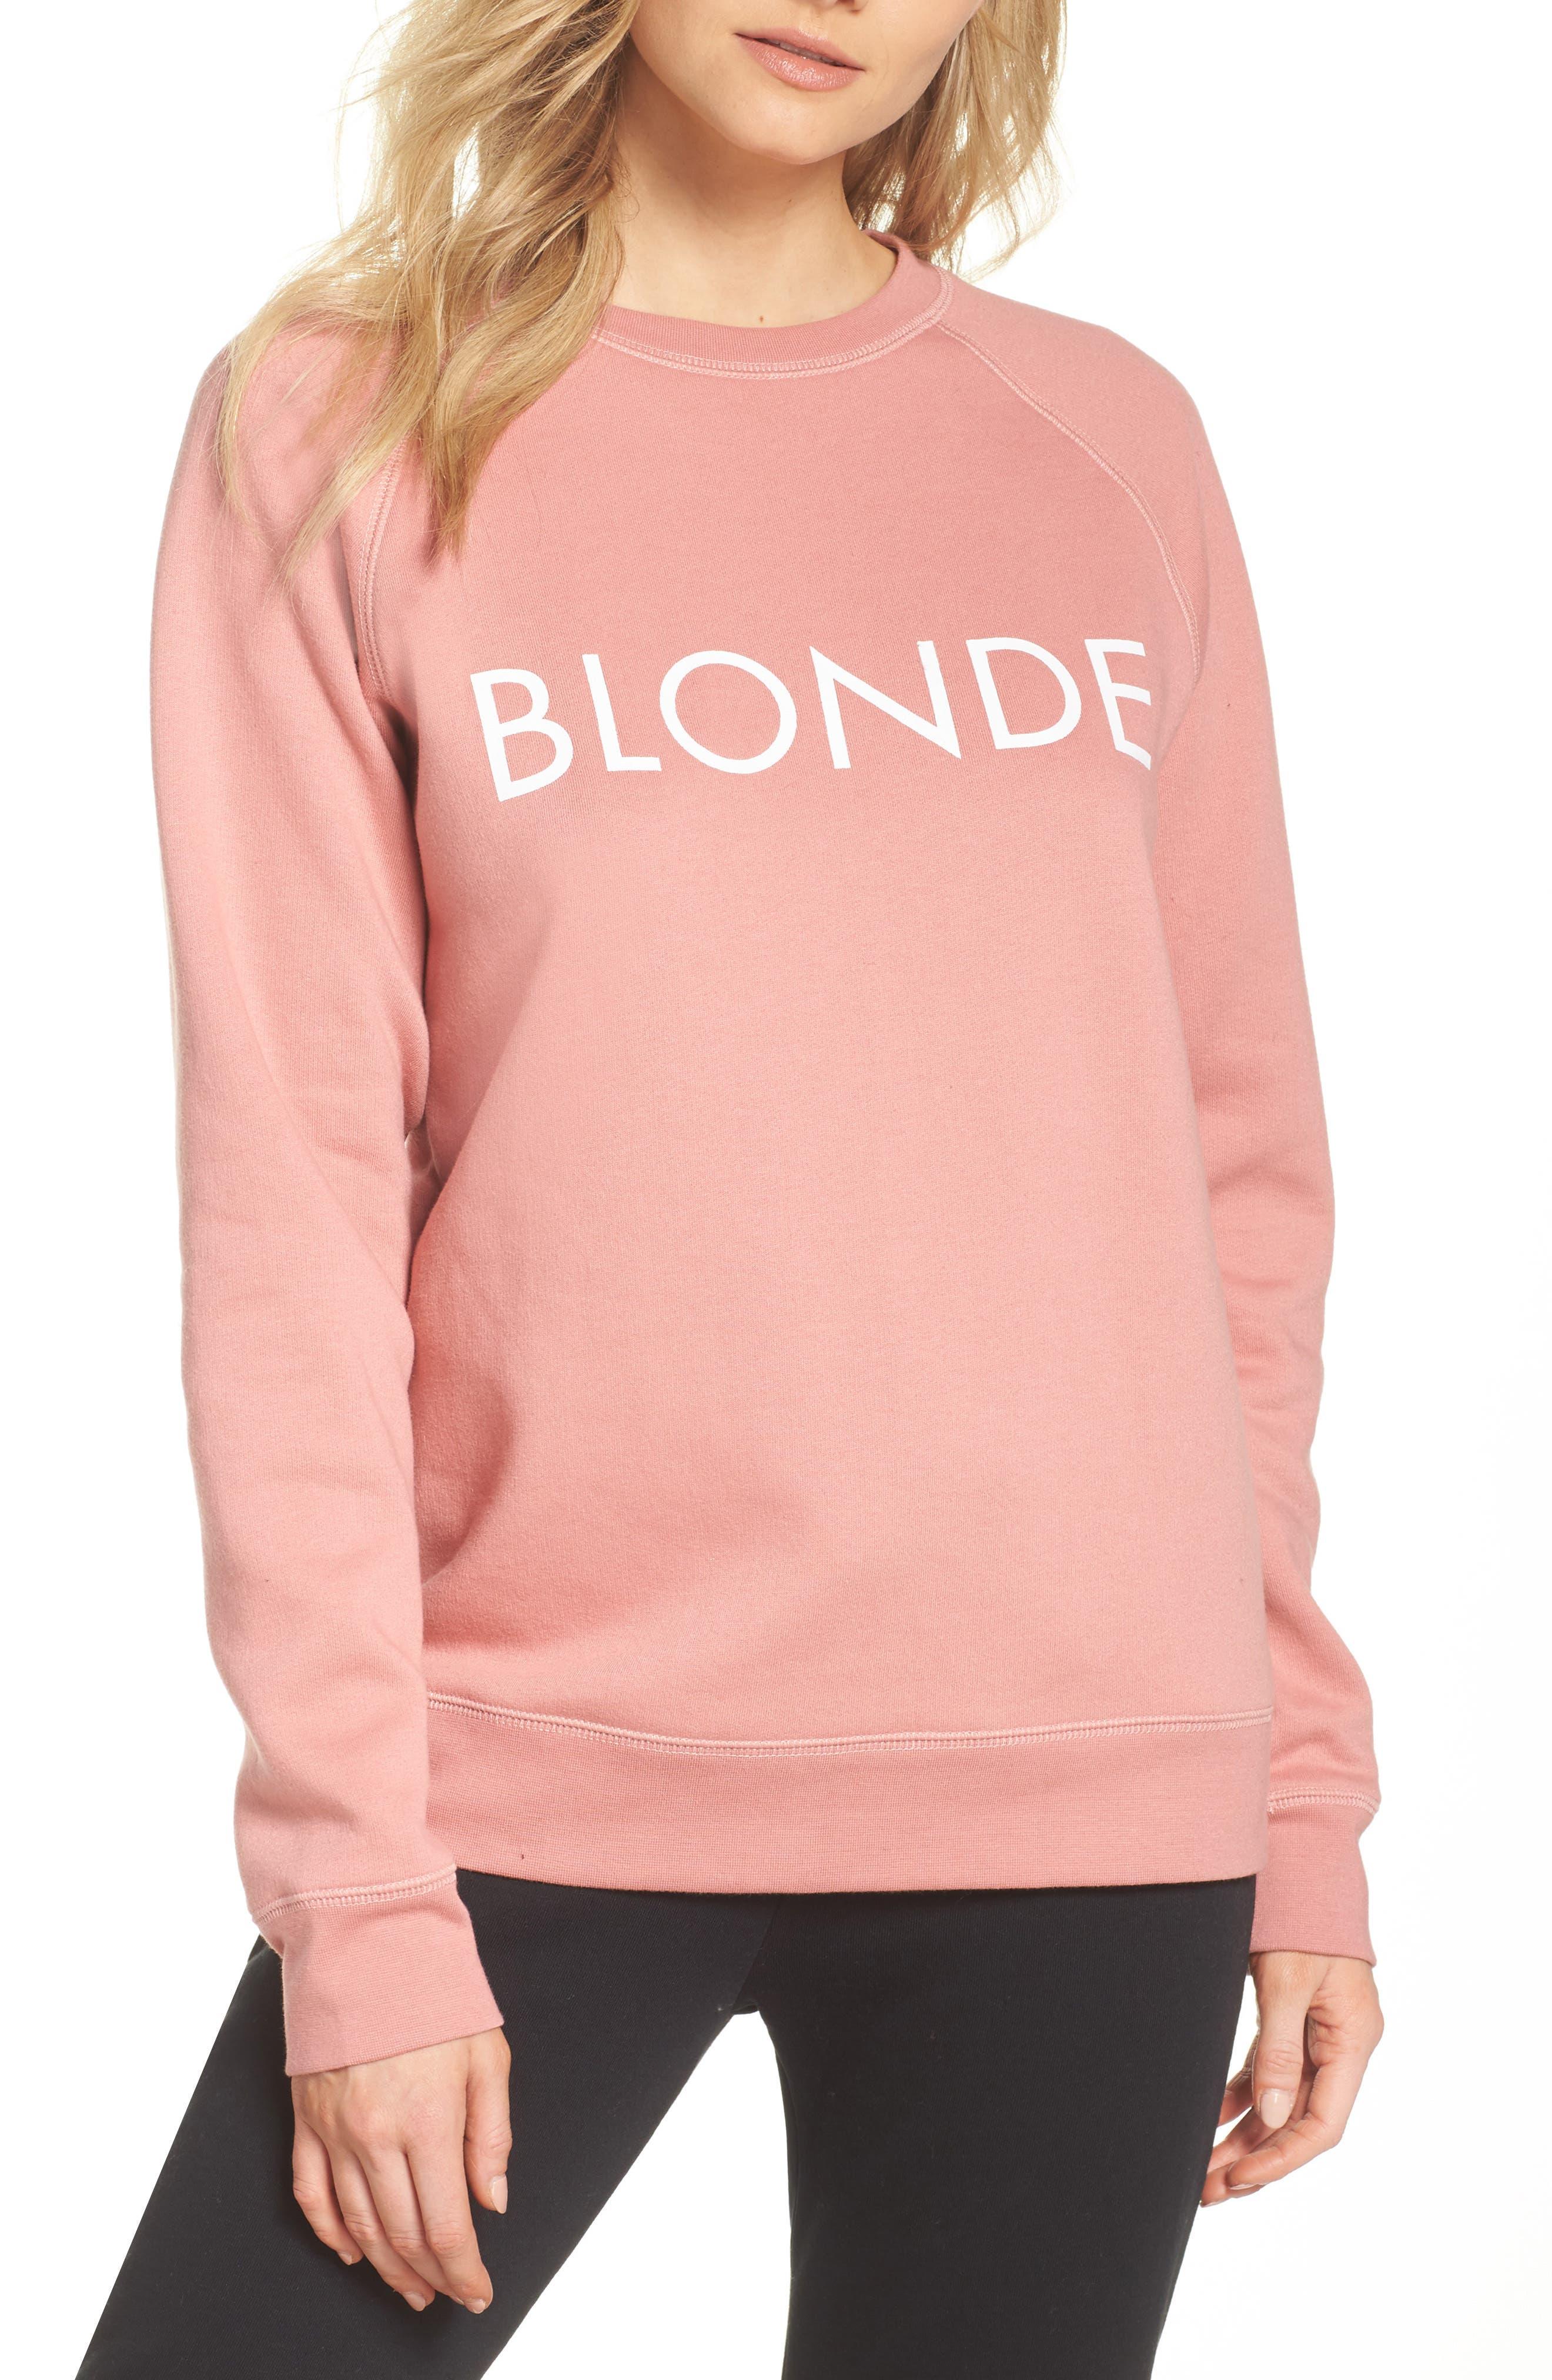 Blonde Crewneck Sweatshirt,                         Main,                         color, 953